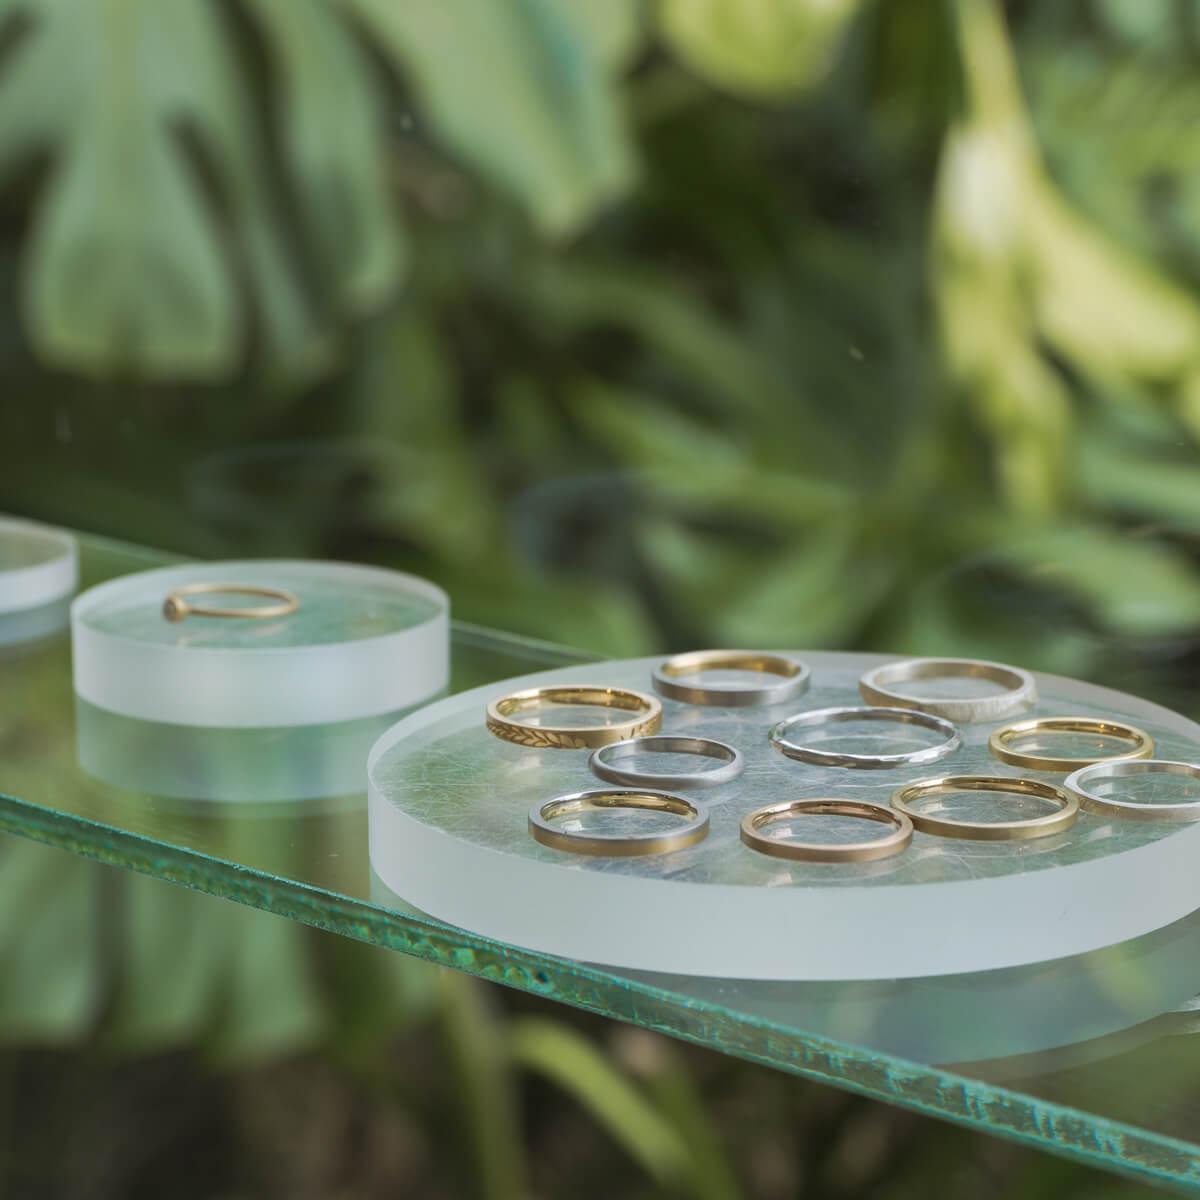 結婚指輪、素材選びはこだわりたい! 屋久島しずくギャラリーで選ぶ、ゴールド プラチナの色々